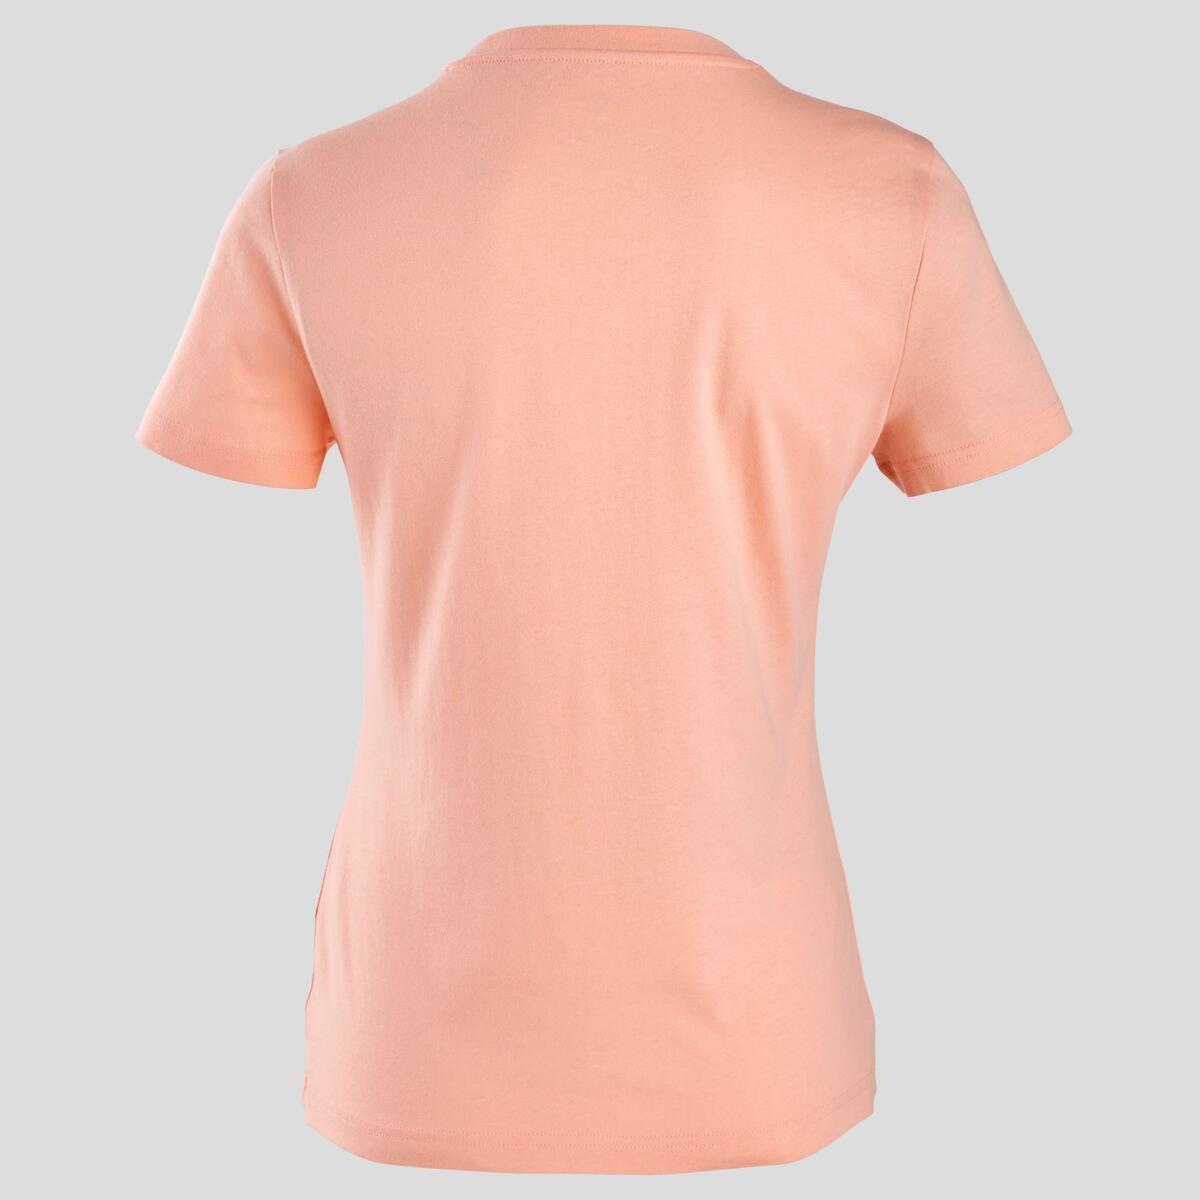 Bild 3 von T-Shirt Regular Damen rosa